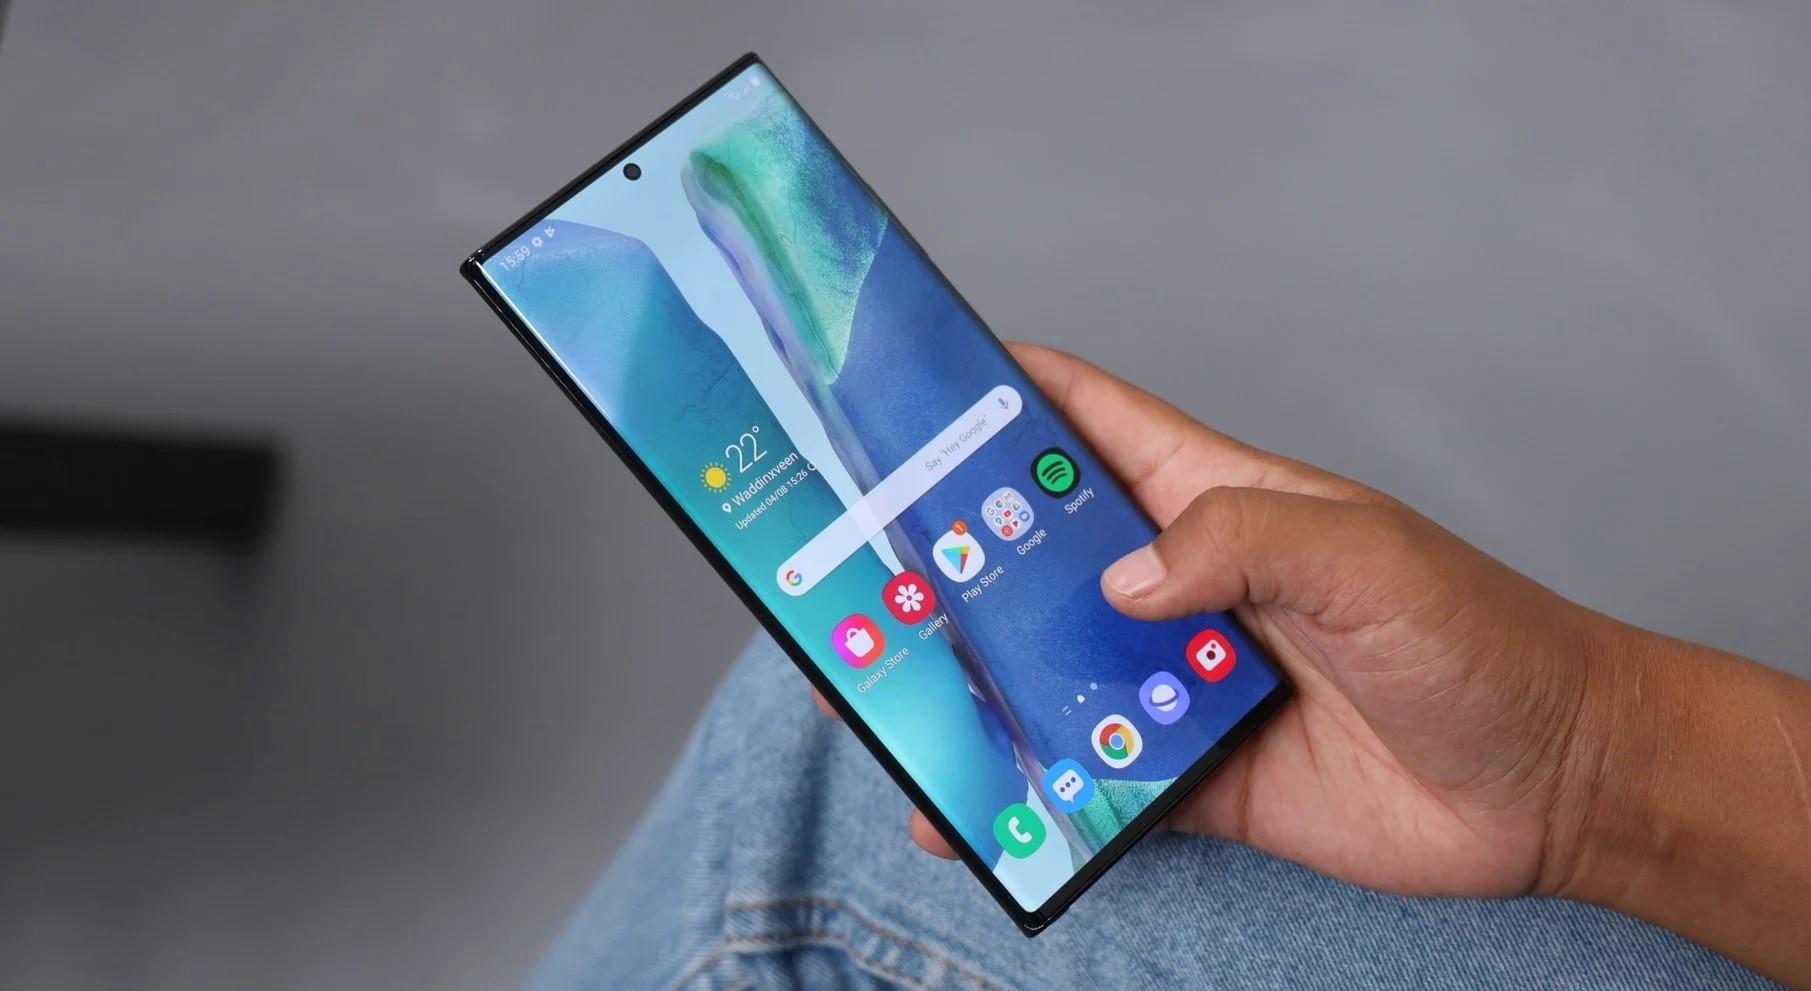 Bán lẻ chơi trội với nhiều cơ hội lên đời miễn phí Samsung Galaxy Note 20 - Ảnh 2.